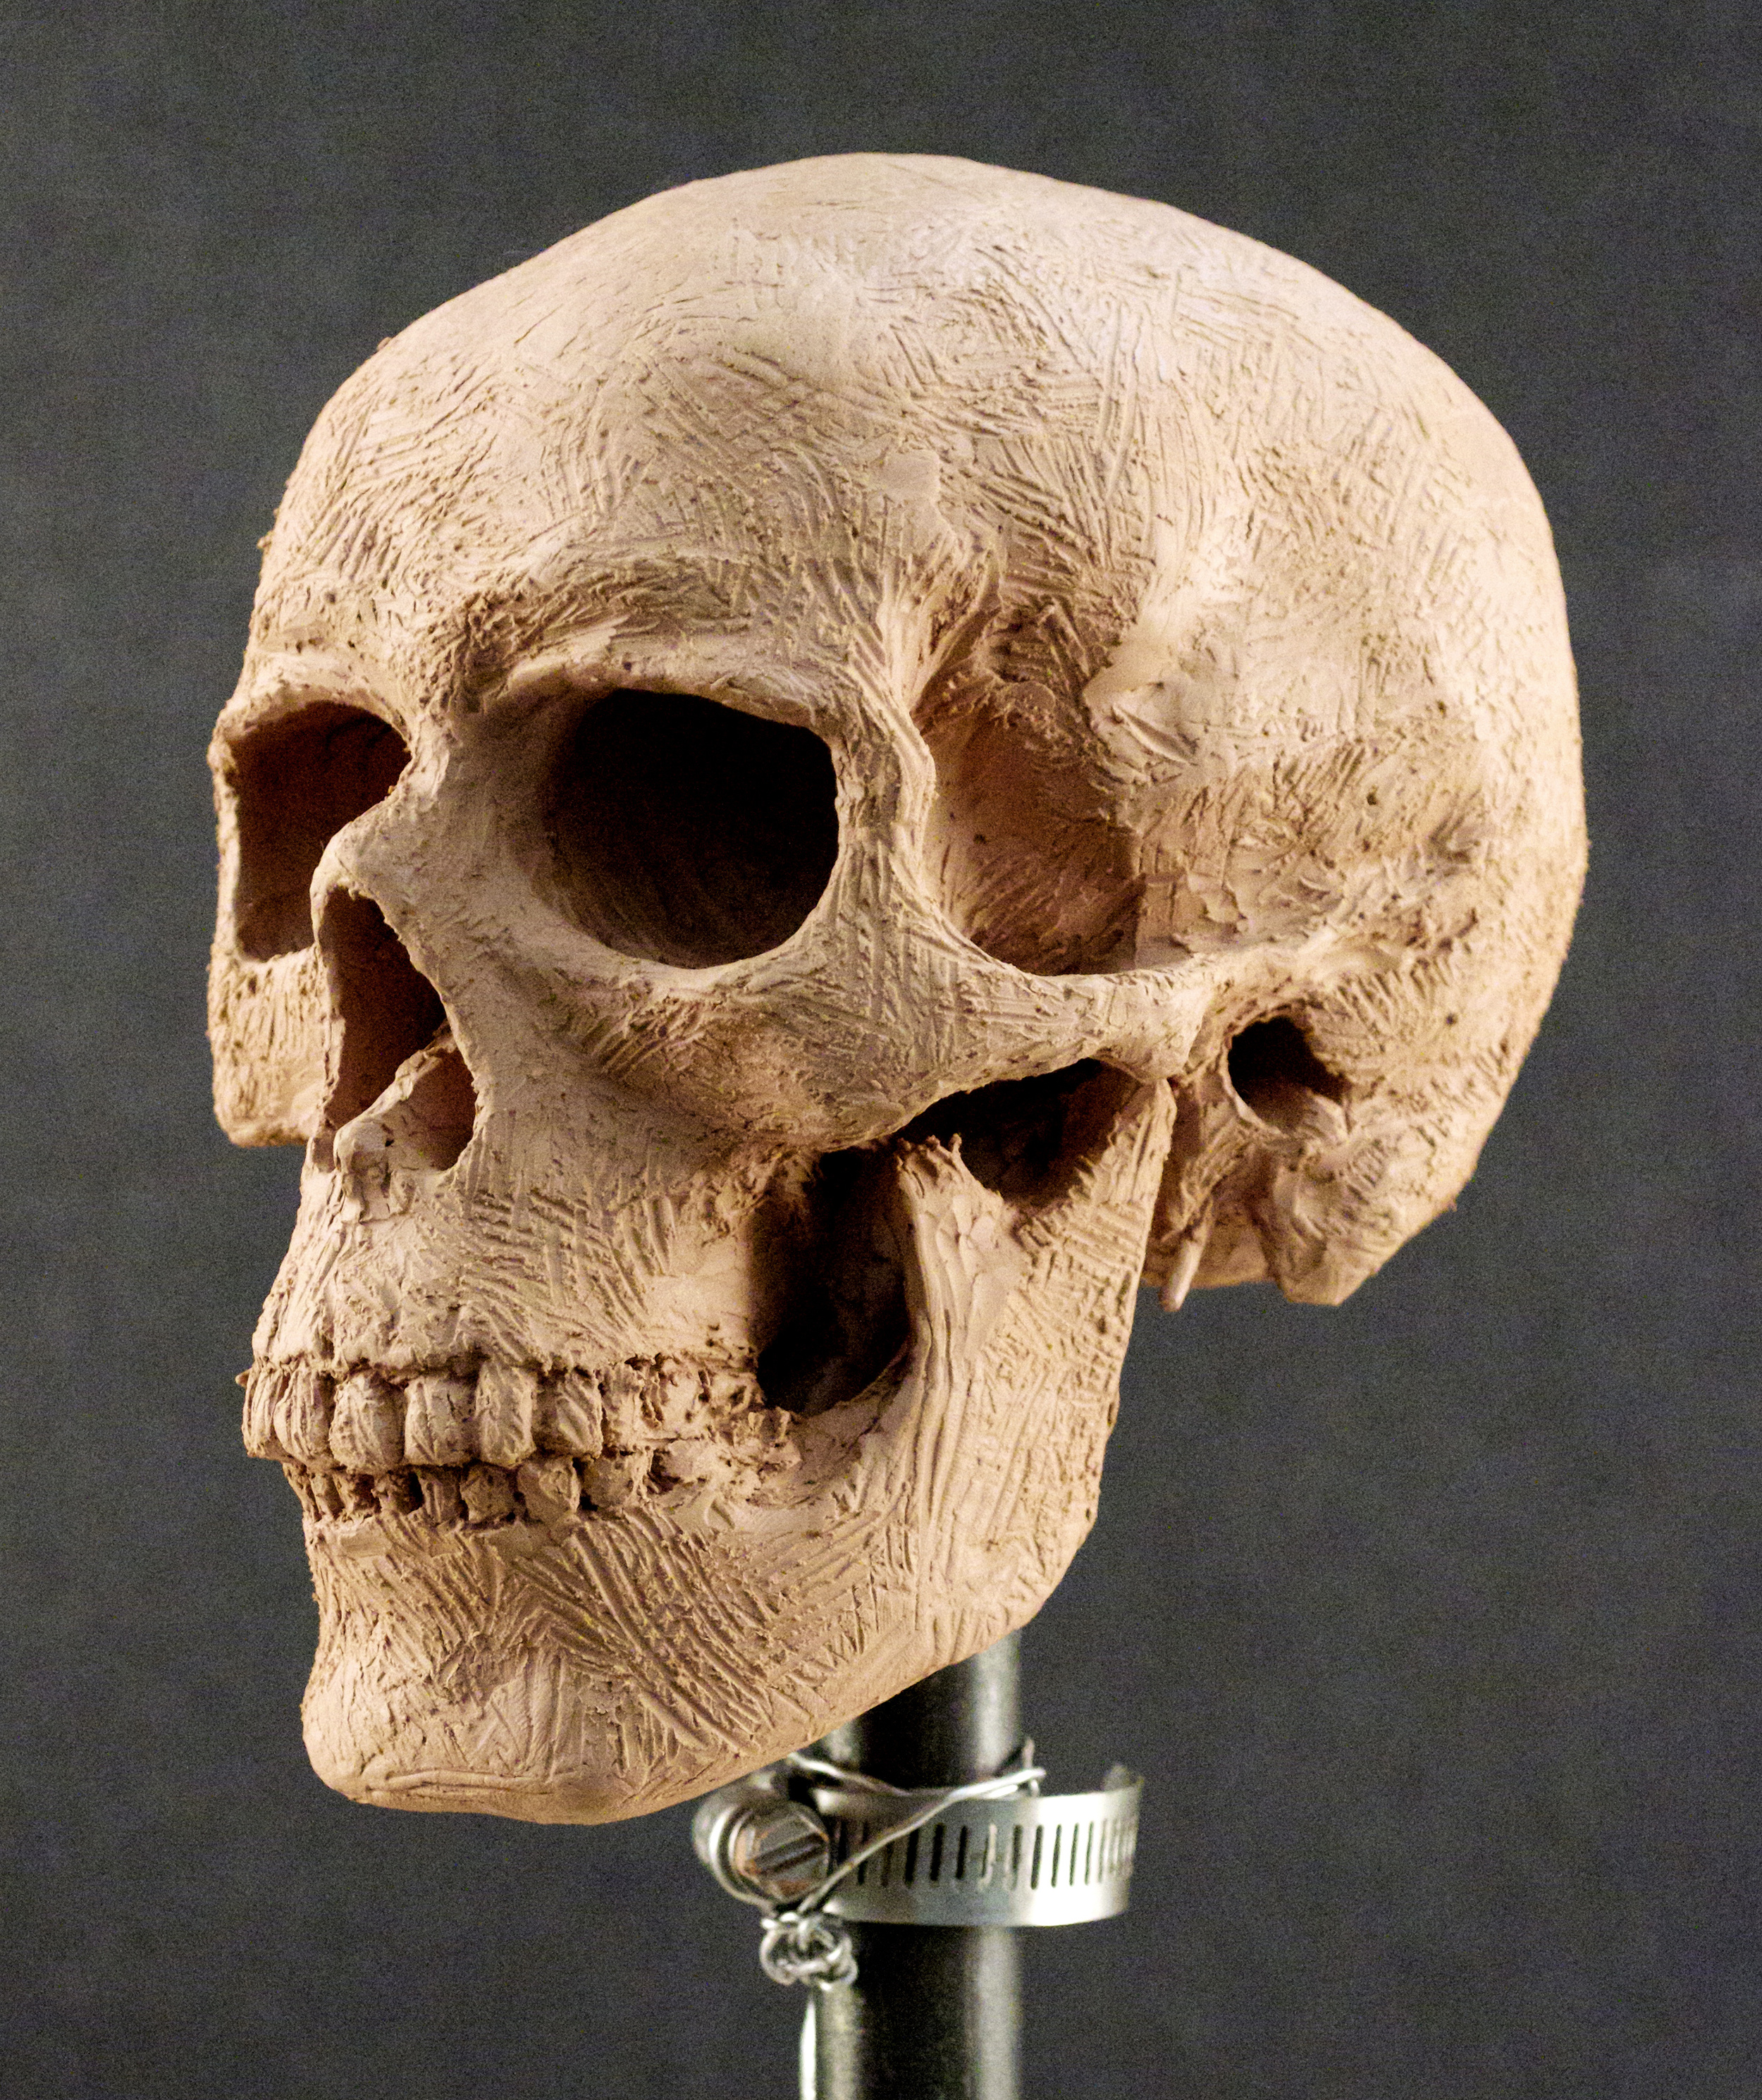 lack,e.Skull2-2.jpg